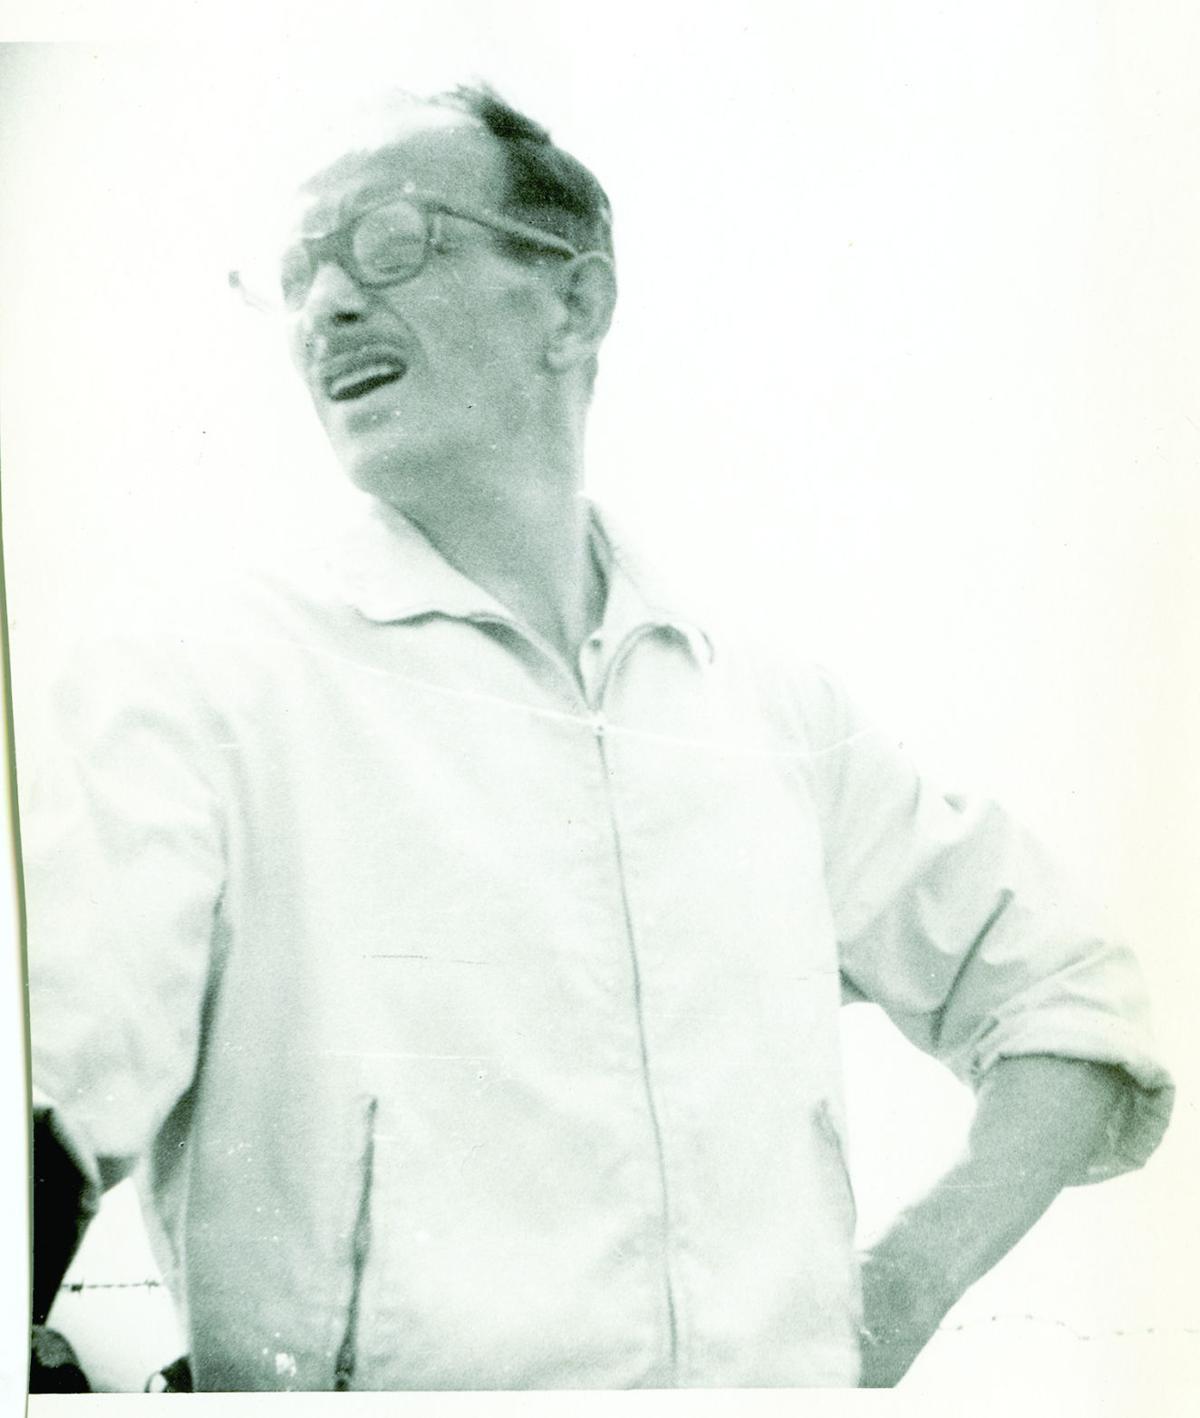 Eichmann in Argentina